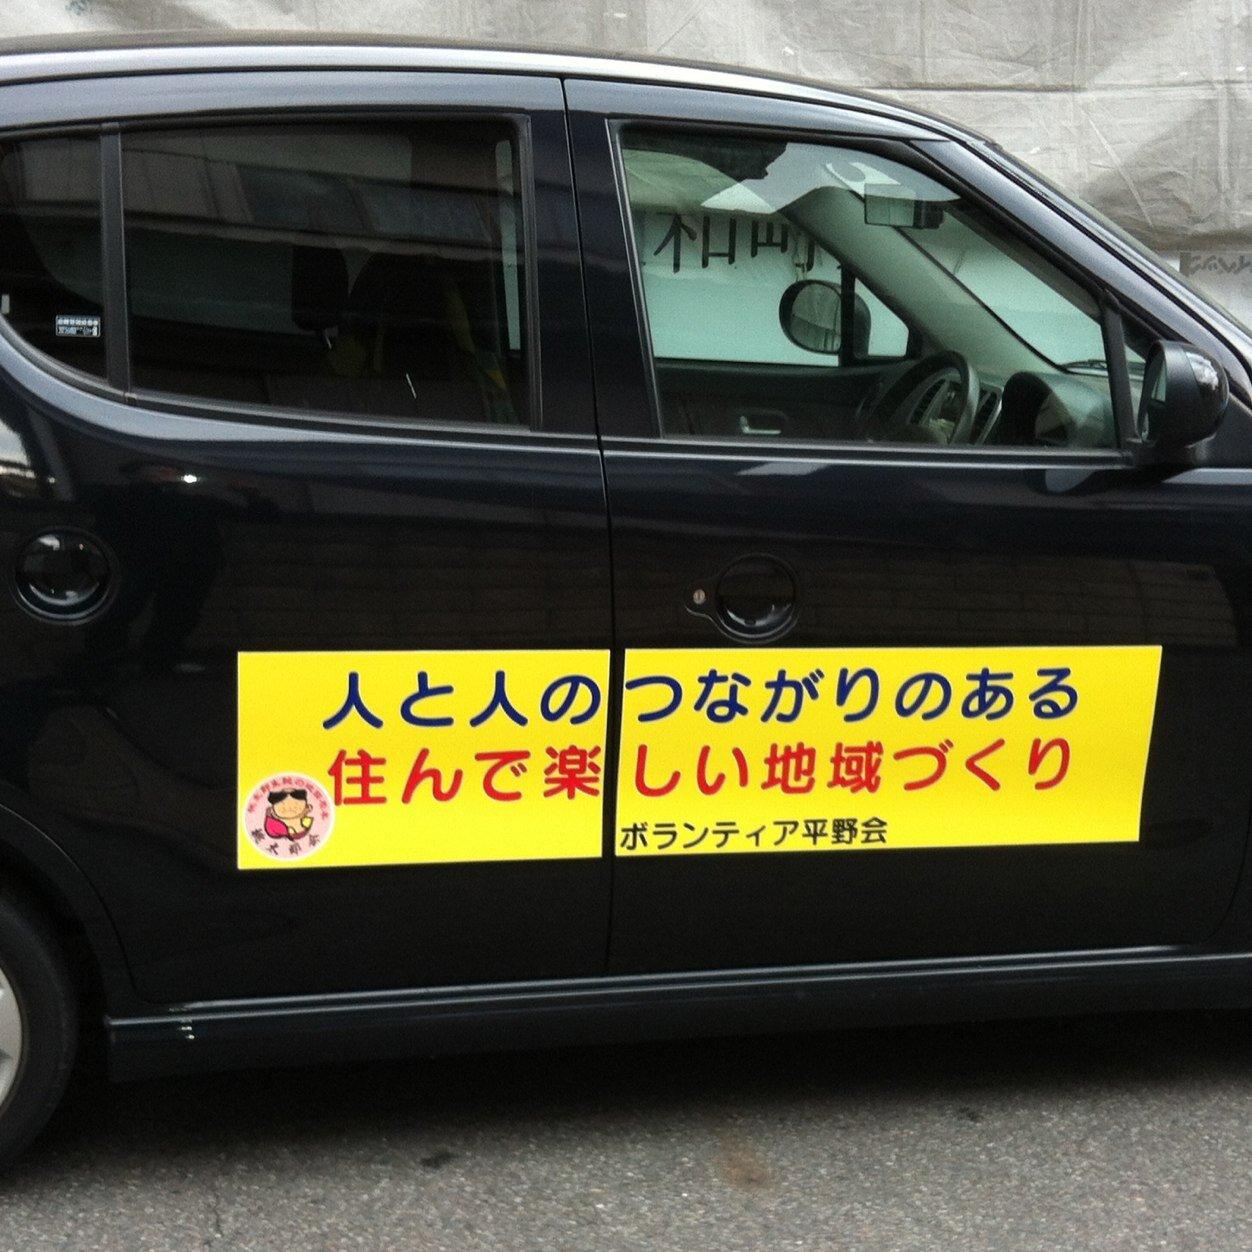 奈良県田原本町のさかもっちゃん地域貢献 (@hiranokai) | Twitter